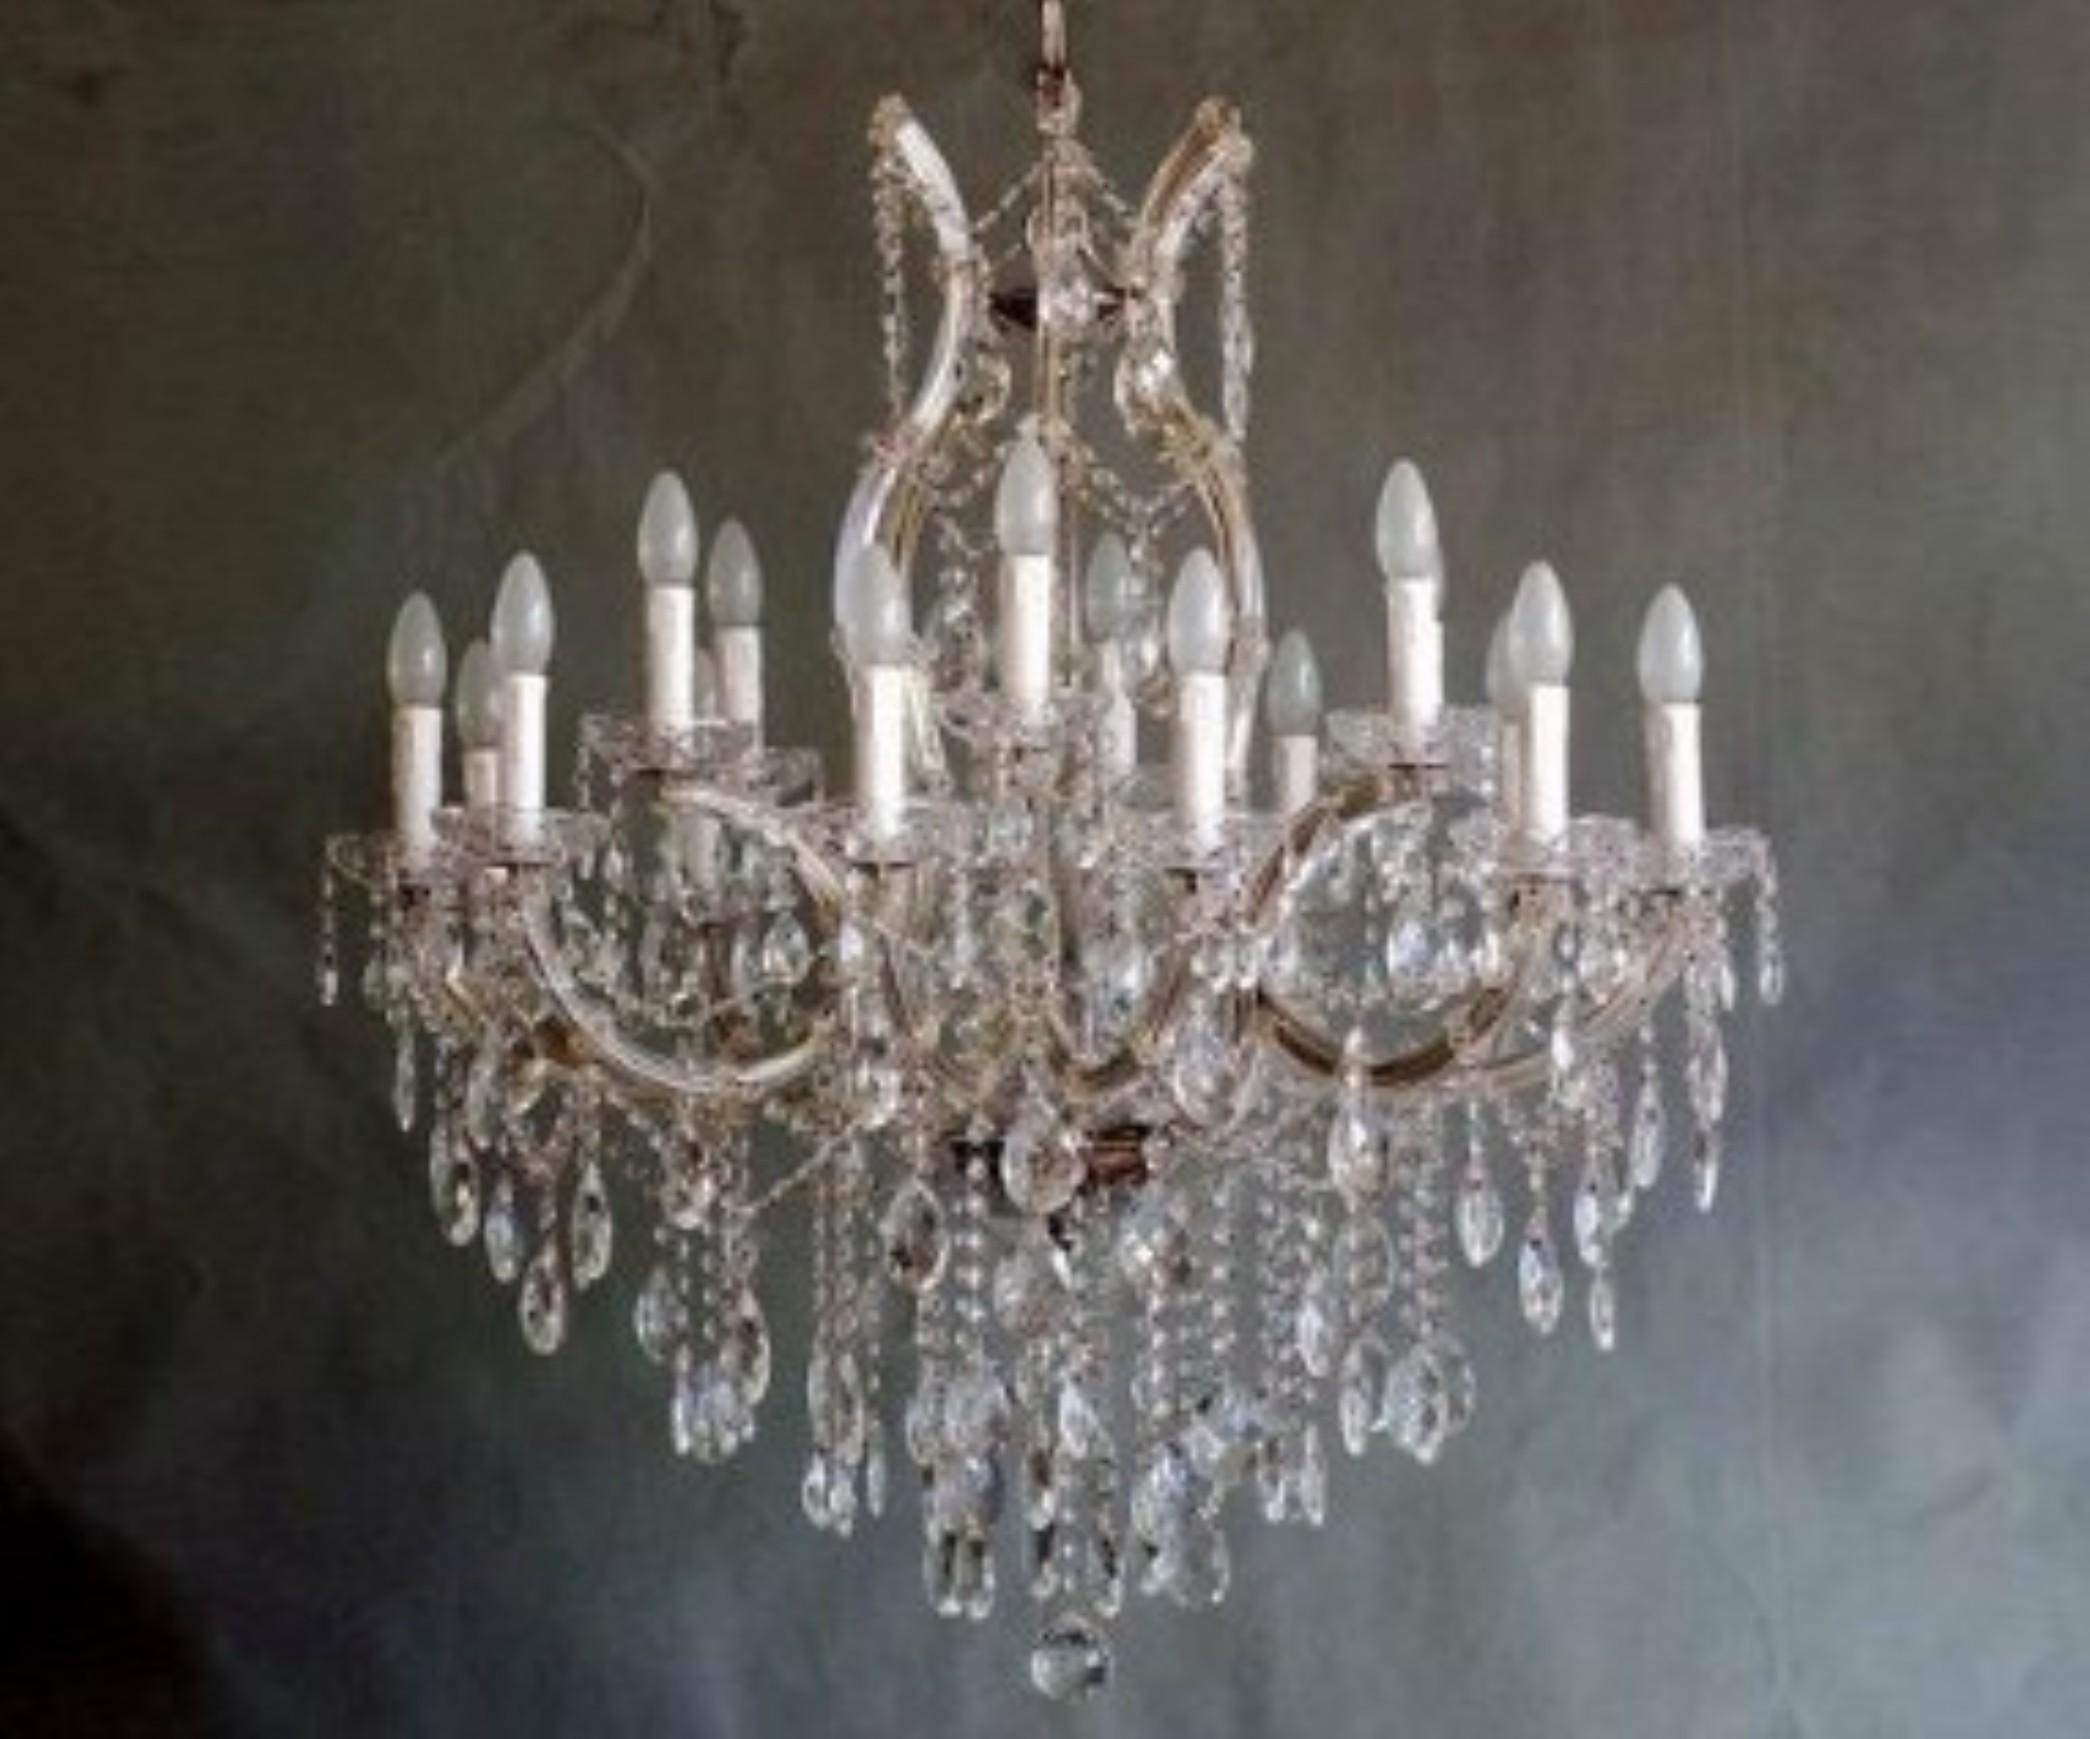 Lampadario Antico A Gocce : Restauro lampadari antichi e moderni milano